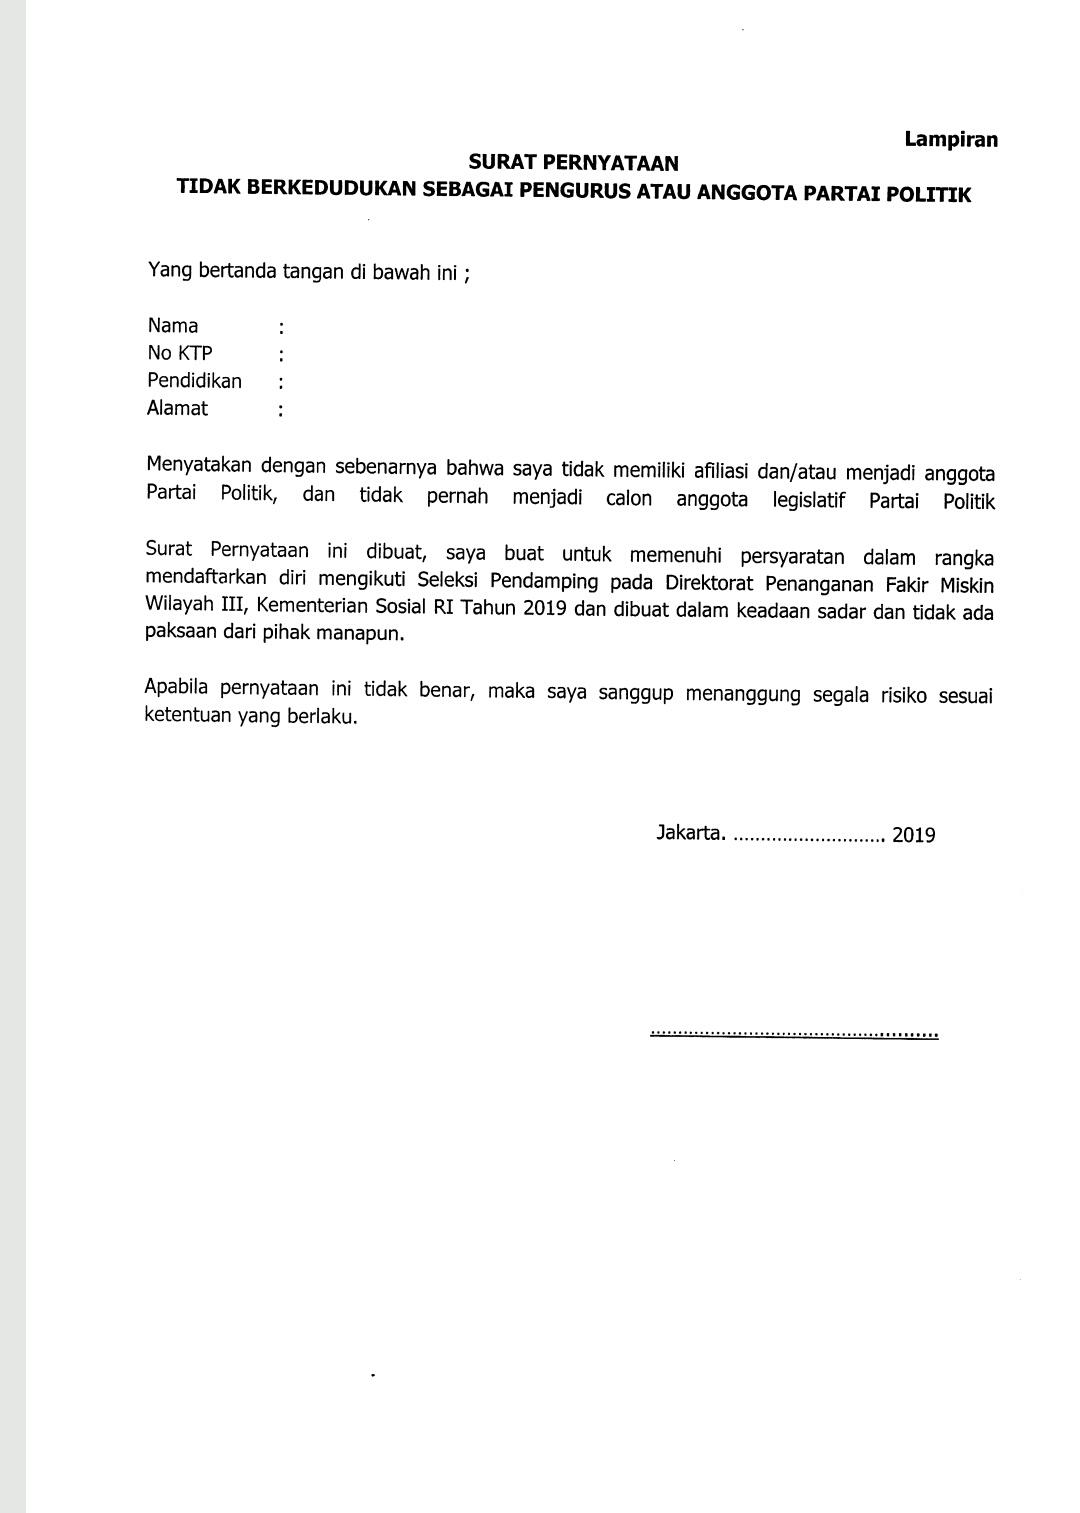 13+ Contoh Surat Lamaran Untuk Dinas Sosial